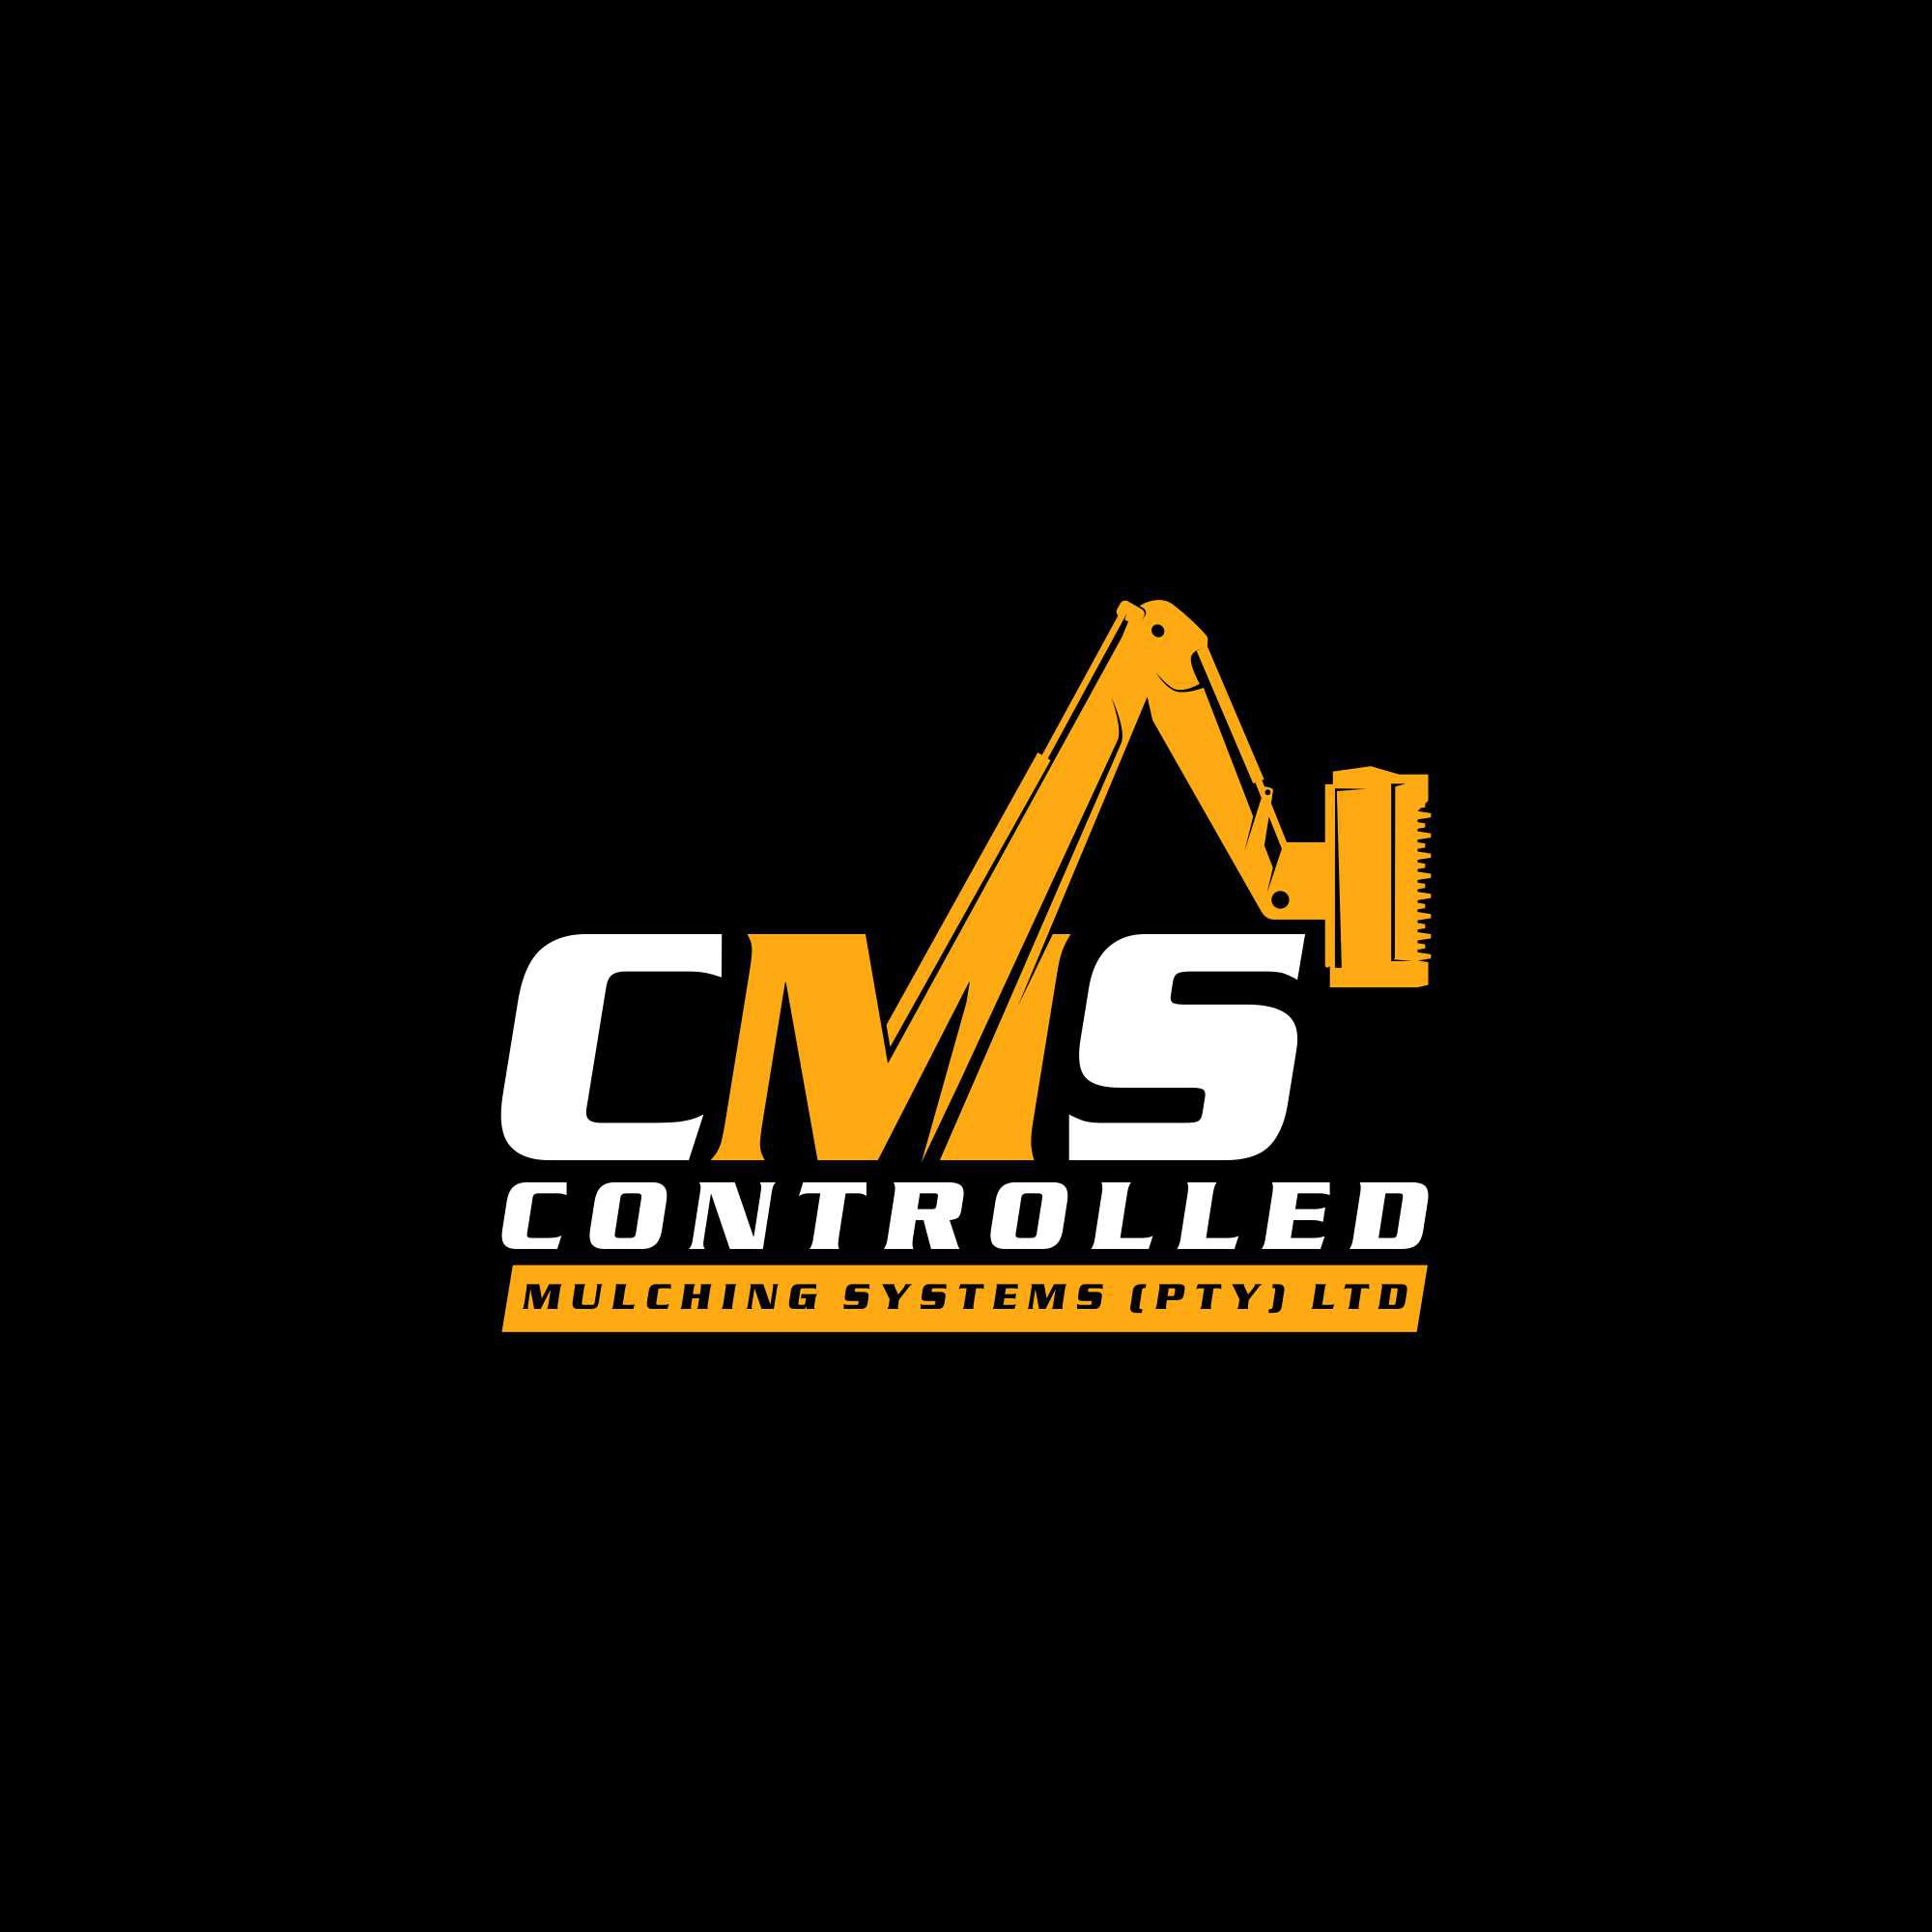 Logo efficace pour illustrer puissance et contrôle